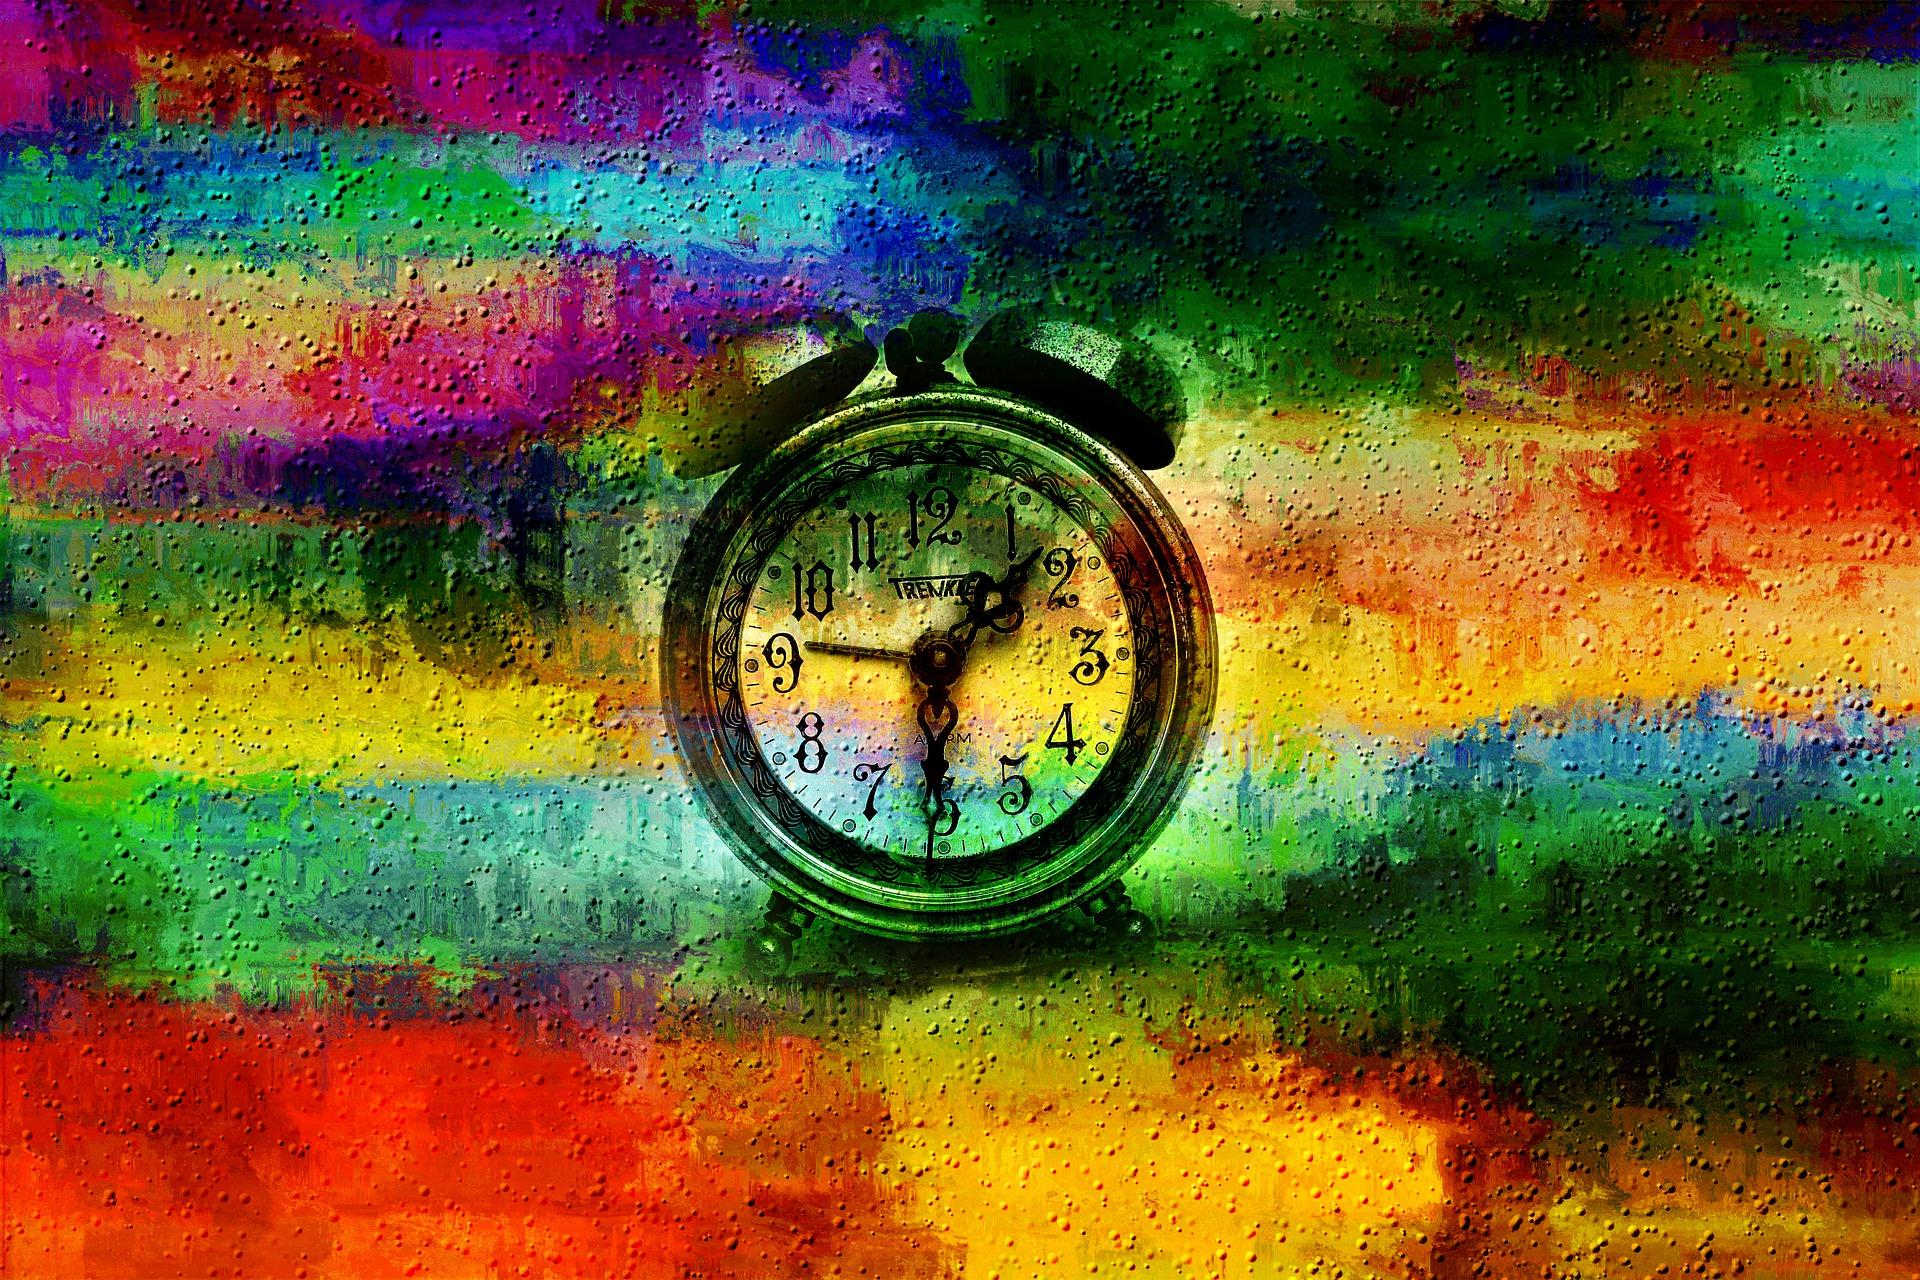 Die vielleicht einfachste Art, nachhaltig zu schenken: Zeit statt Zeug